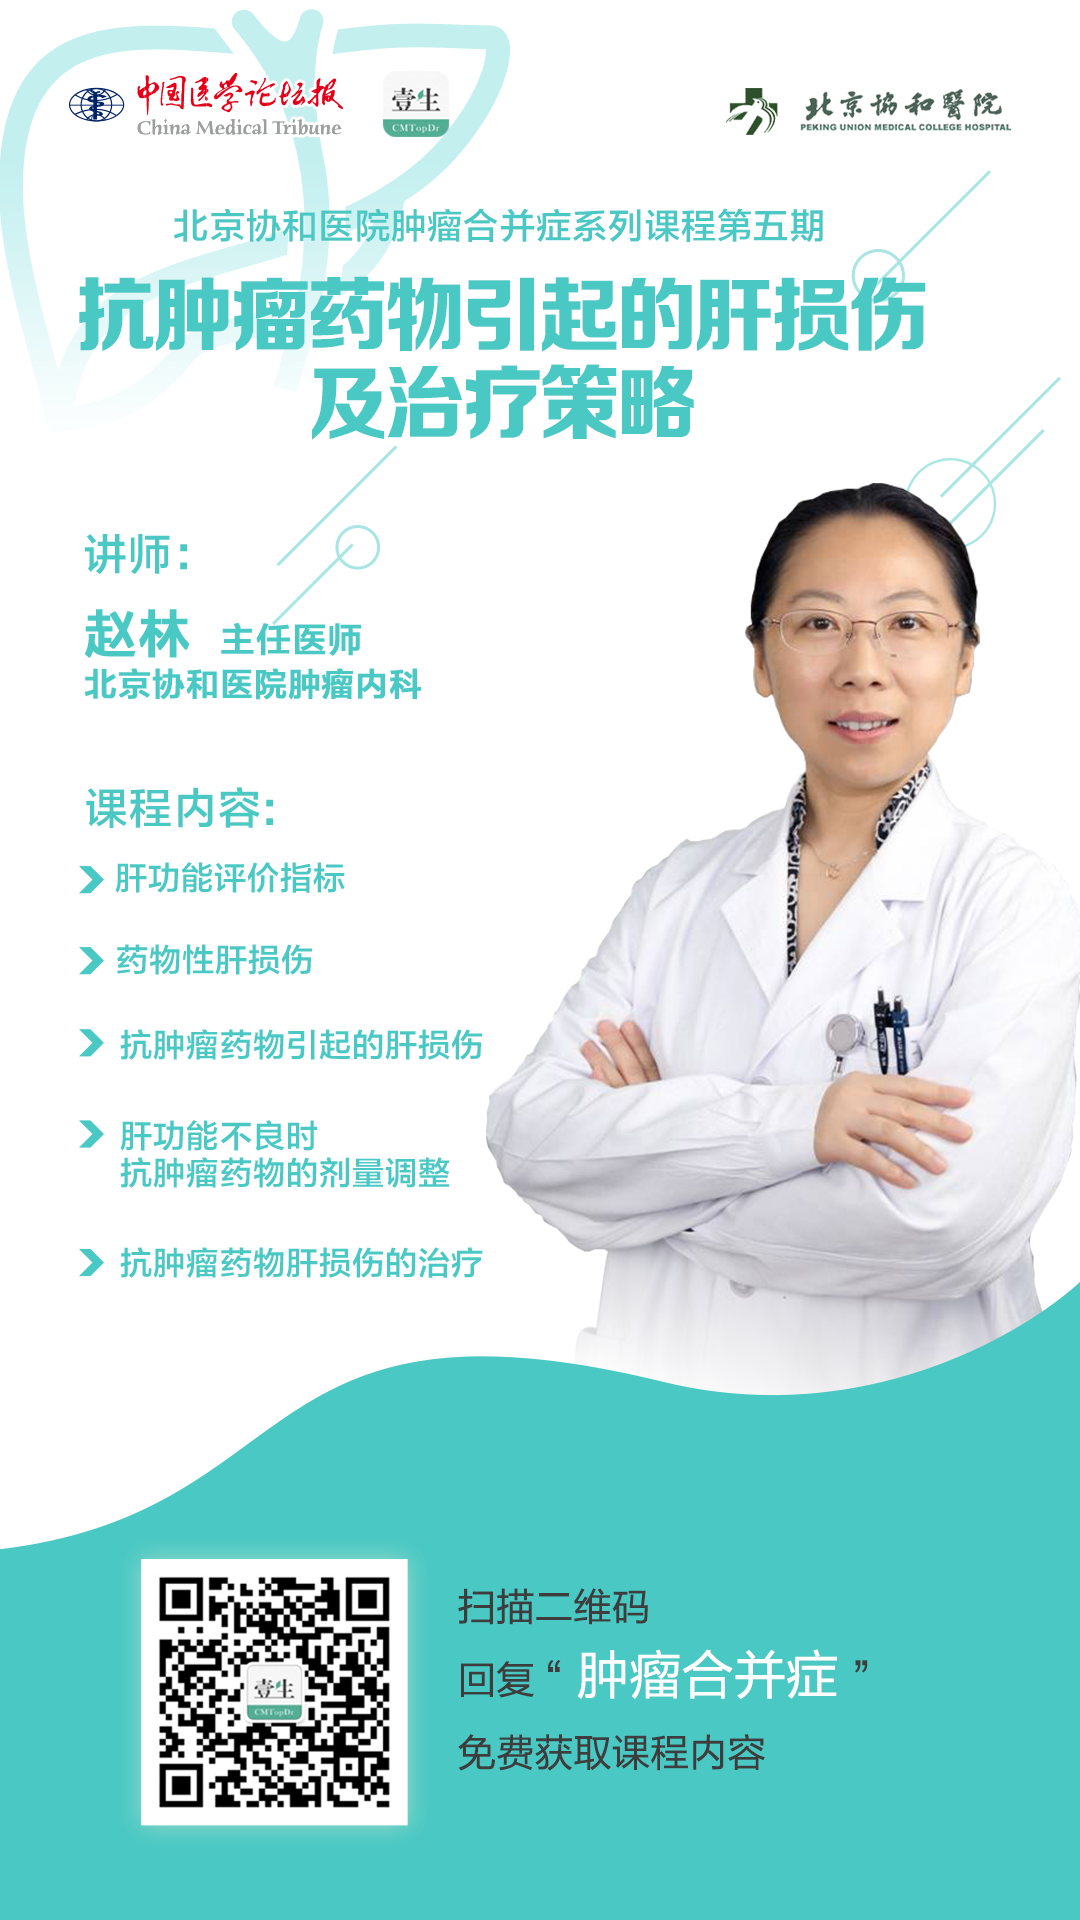 抗肿瘤药物引起的肝损伤及治疗策略--赵林.png